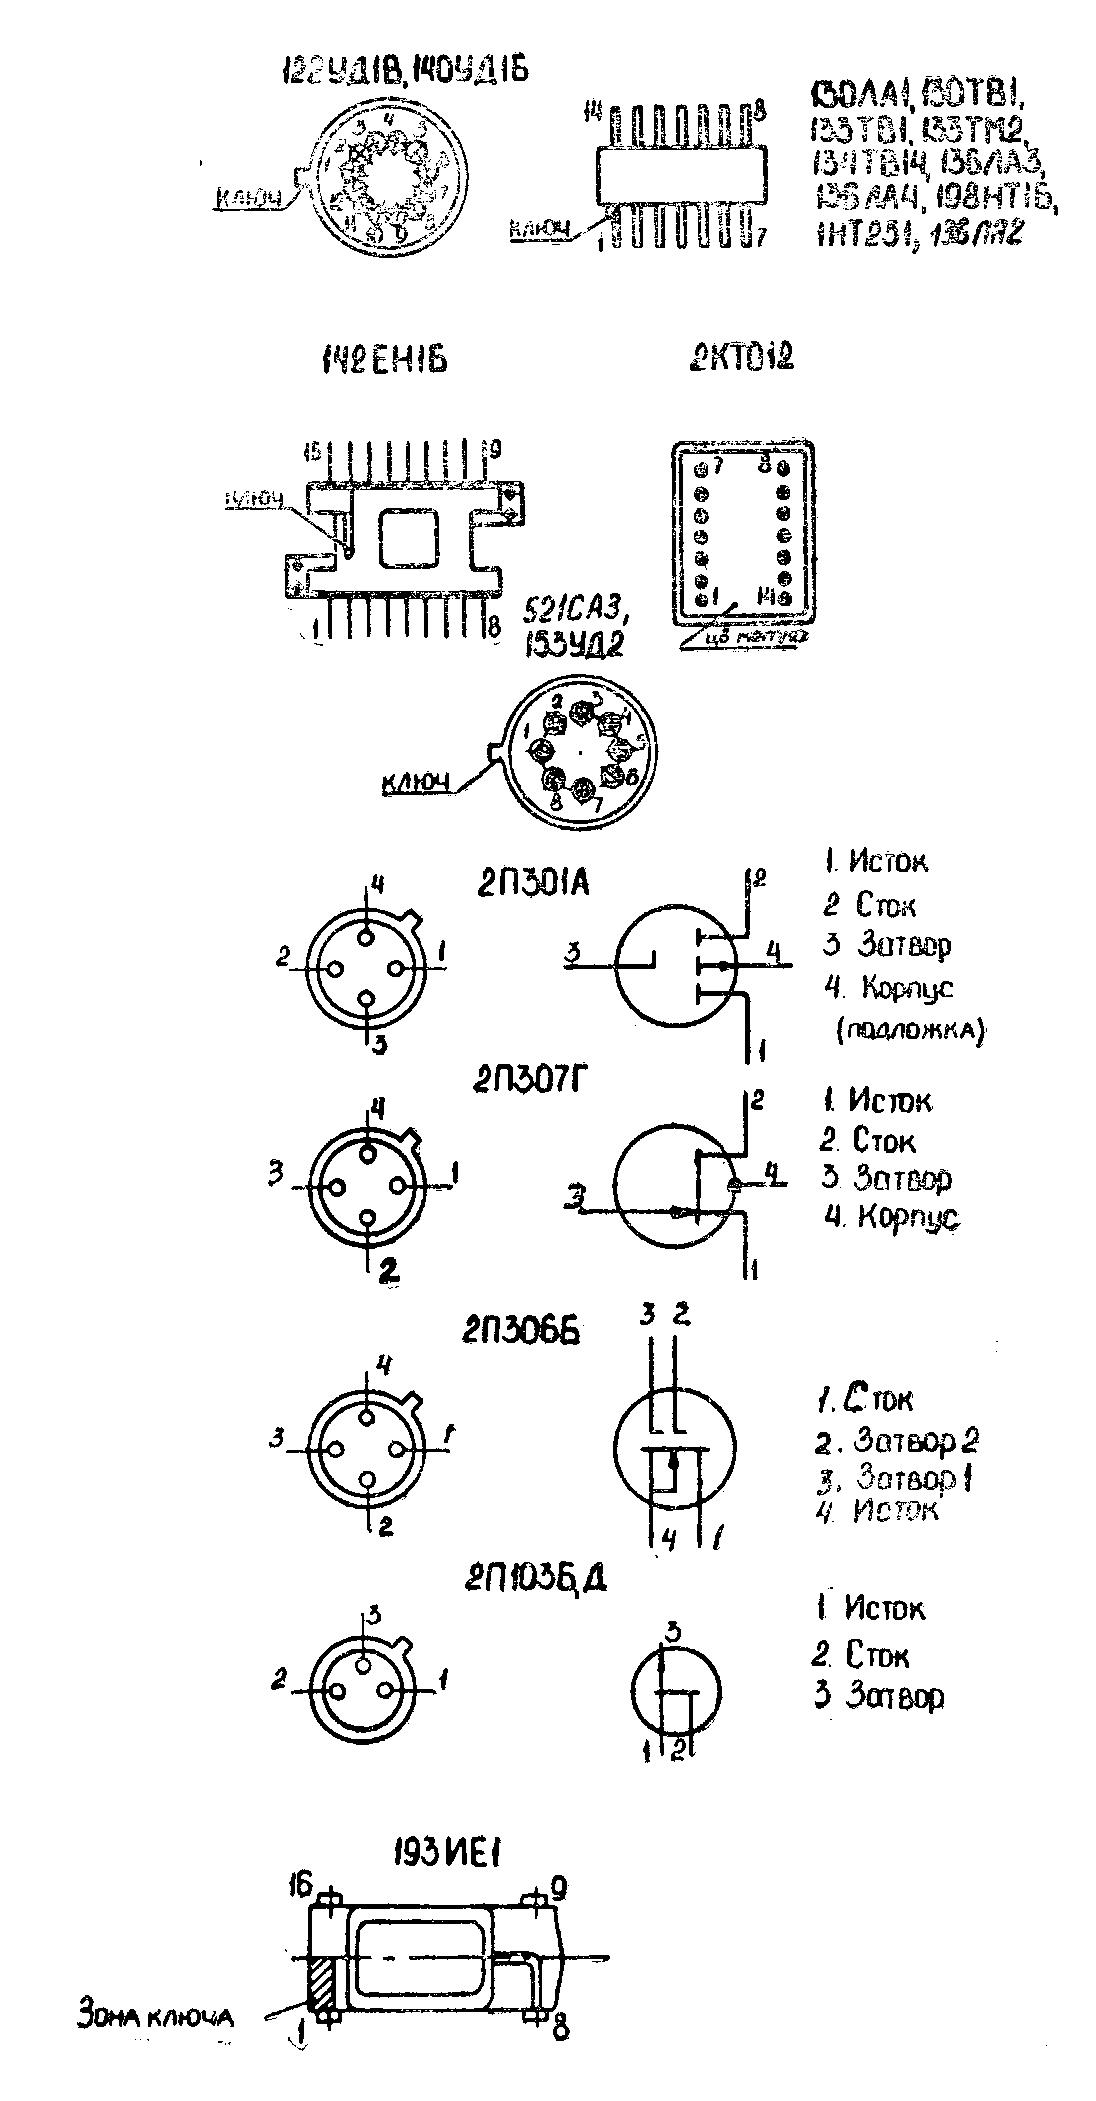 Расположение выводов микросхем и полевых транзисторов радиостанции Баклан-20 (Баклан-5)